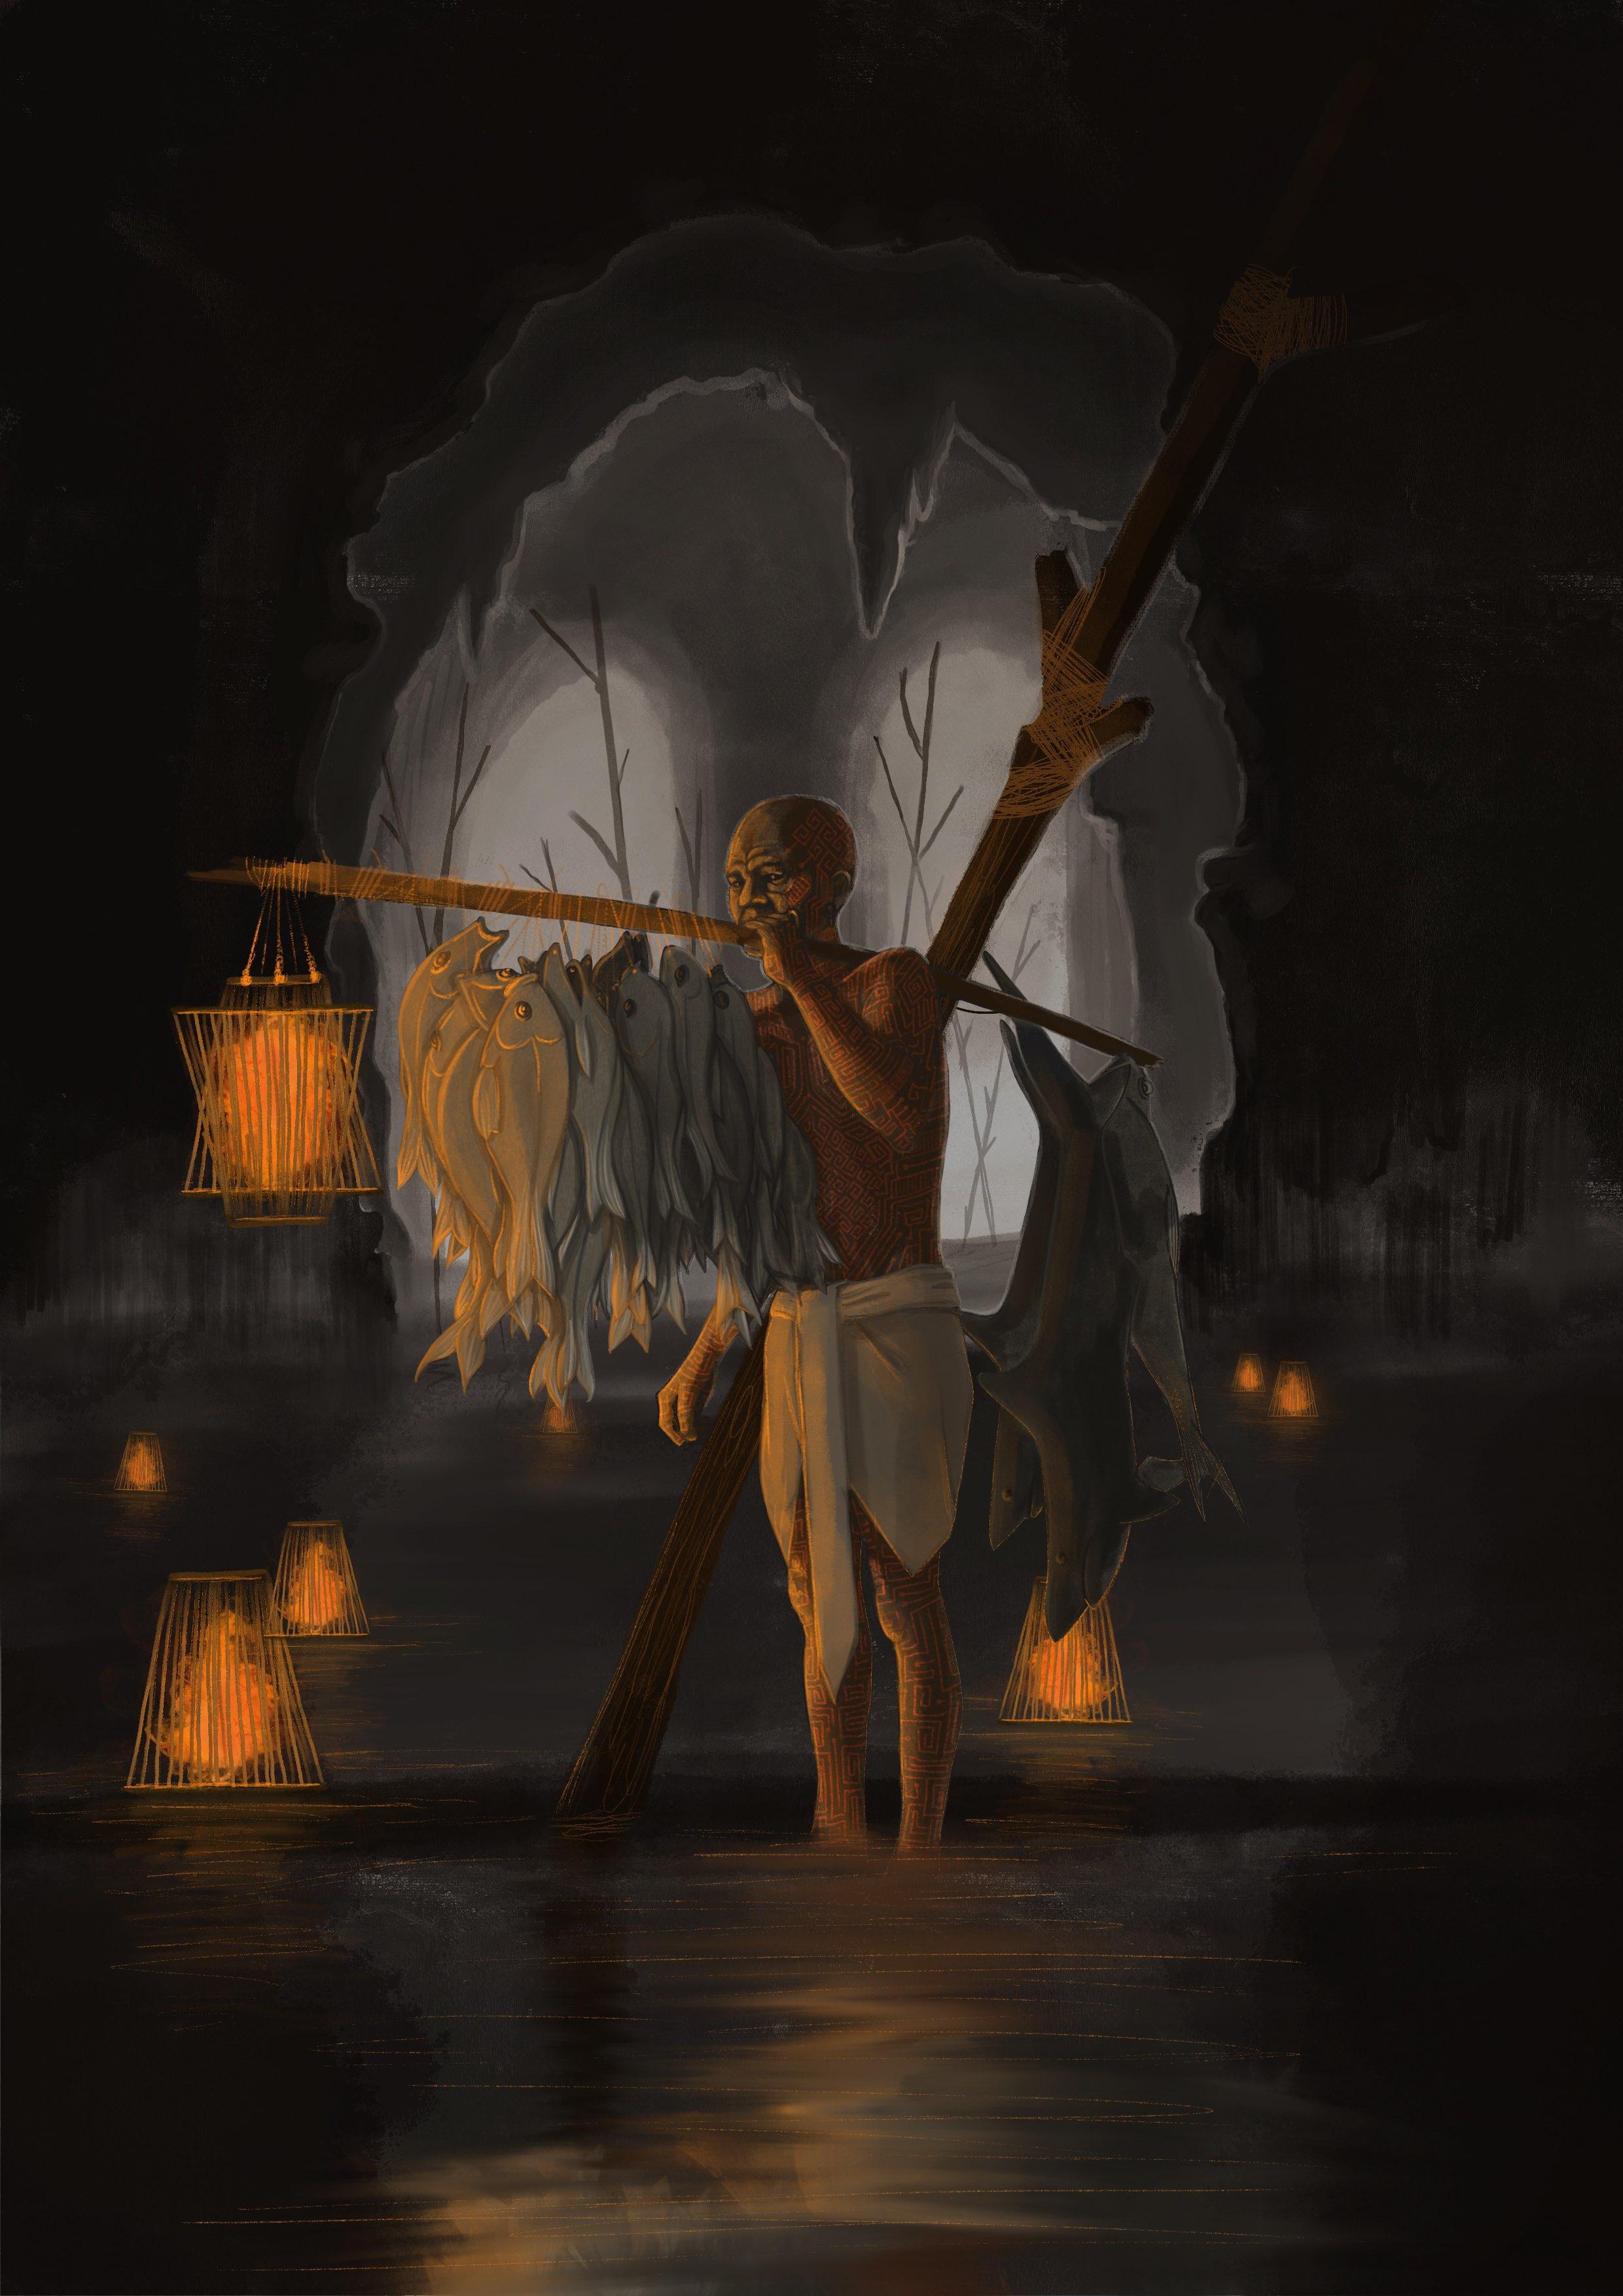 Lamat Fisherman